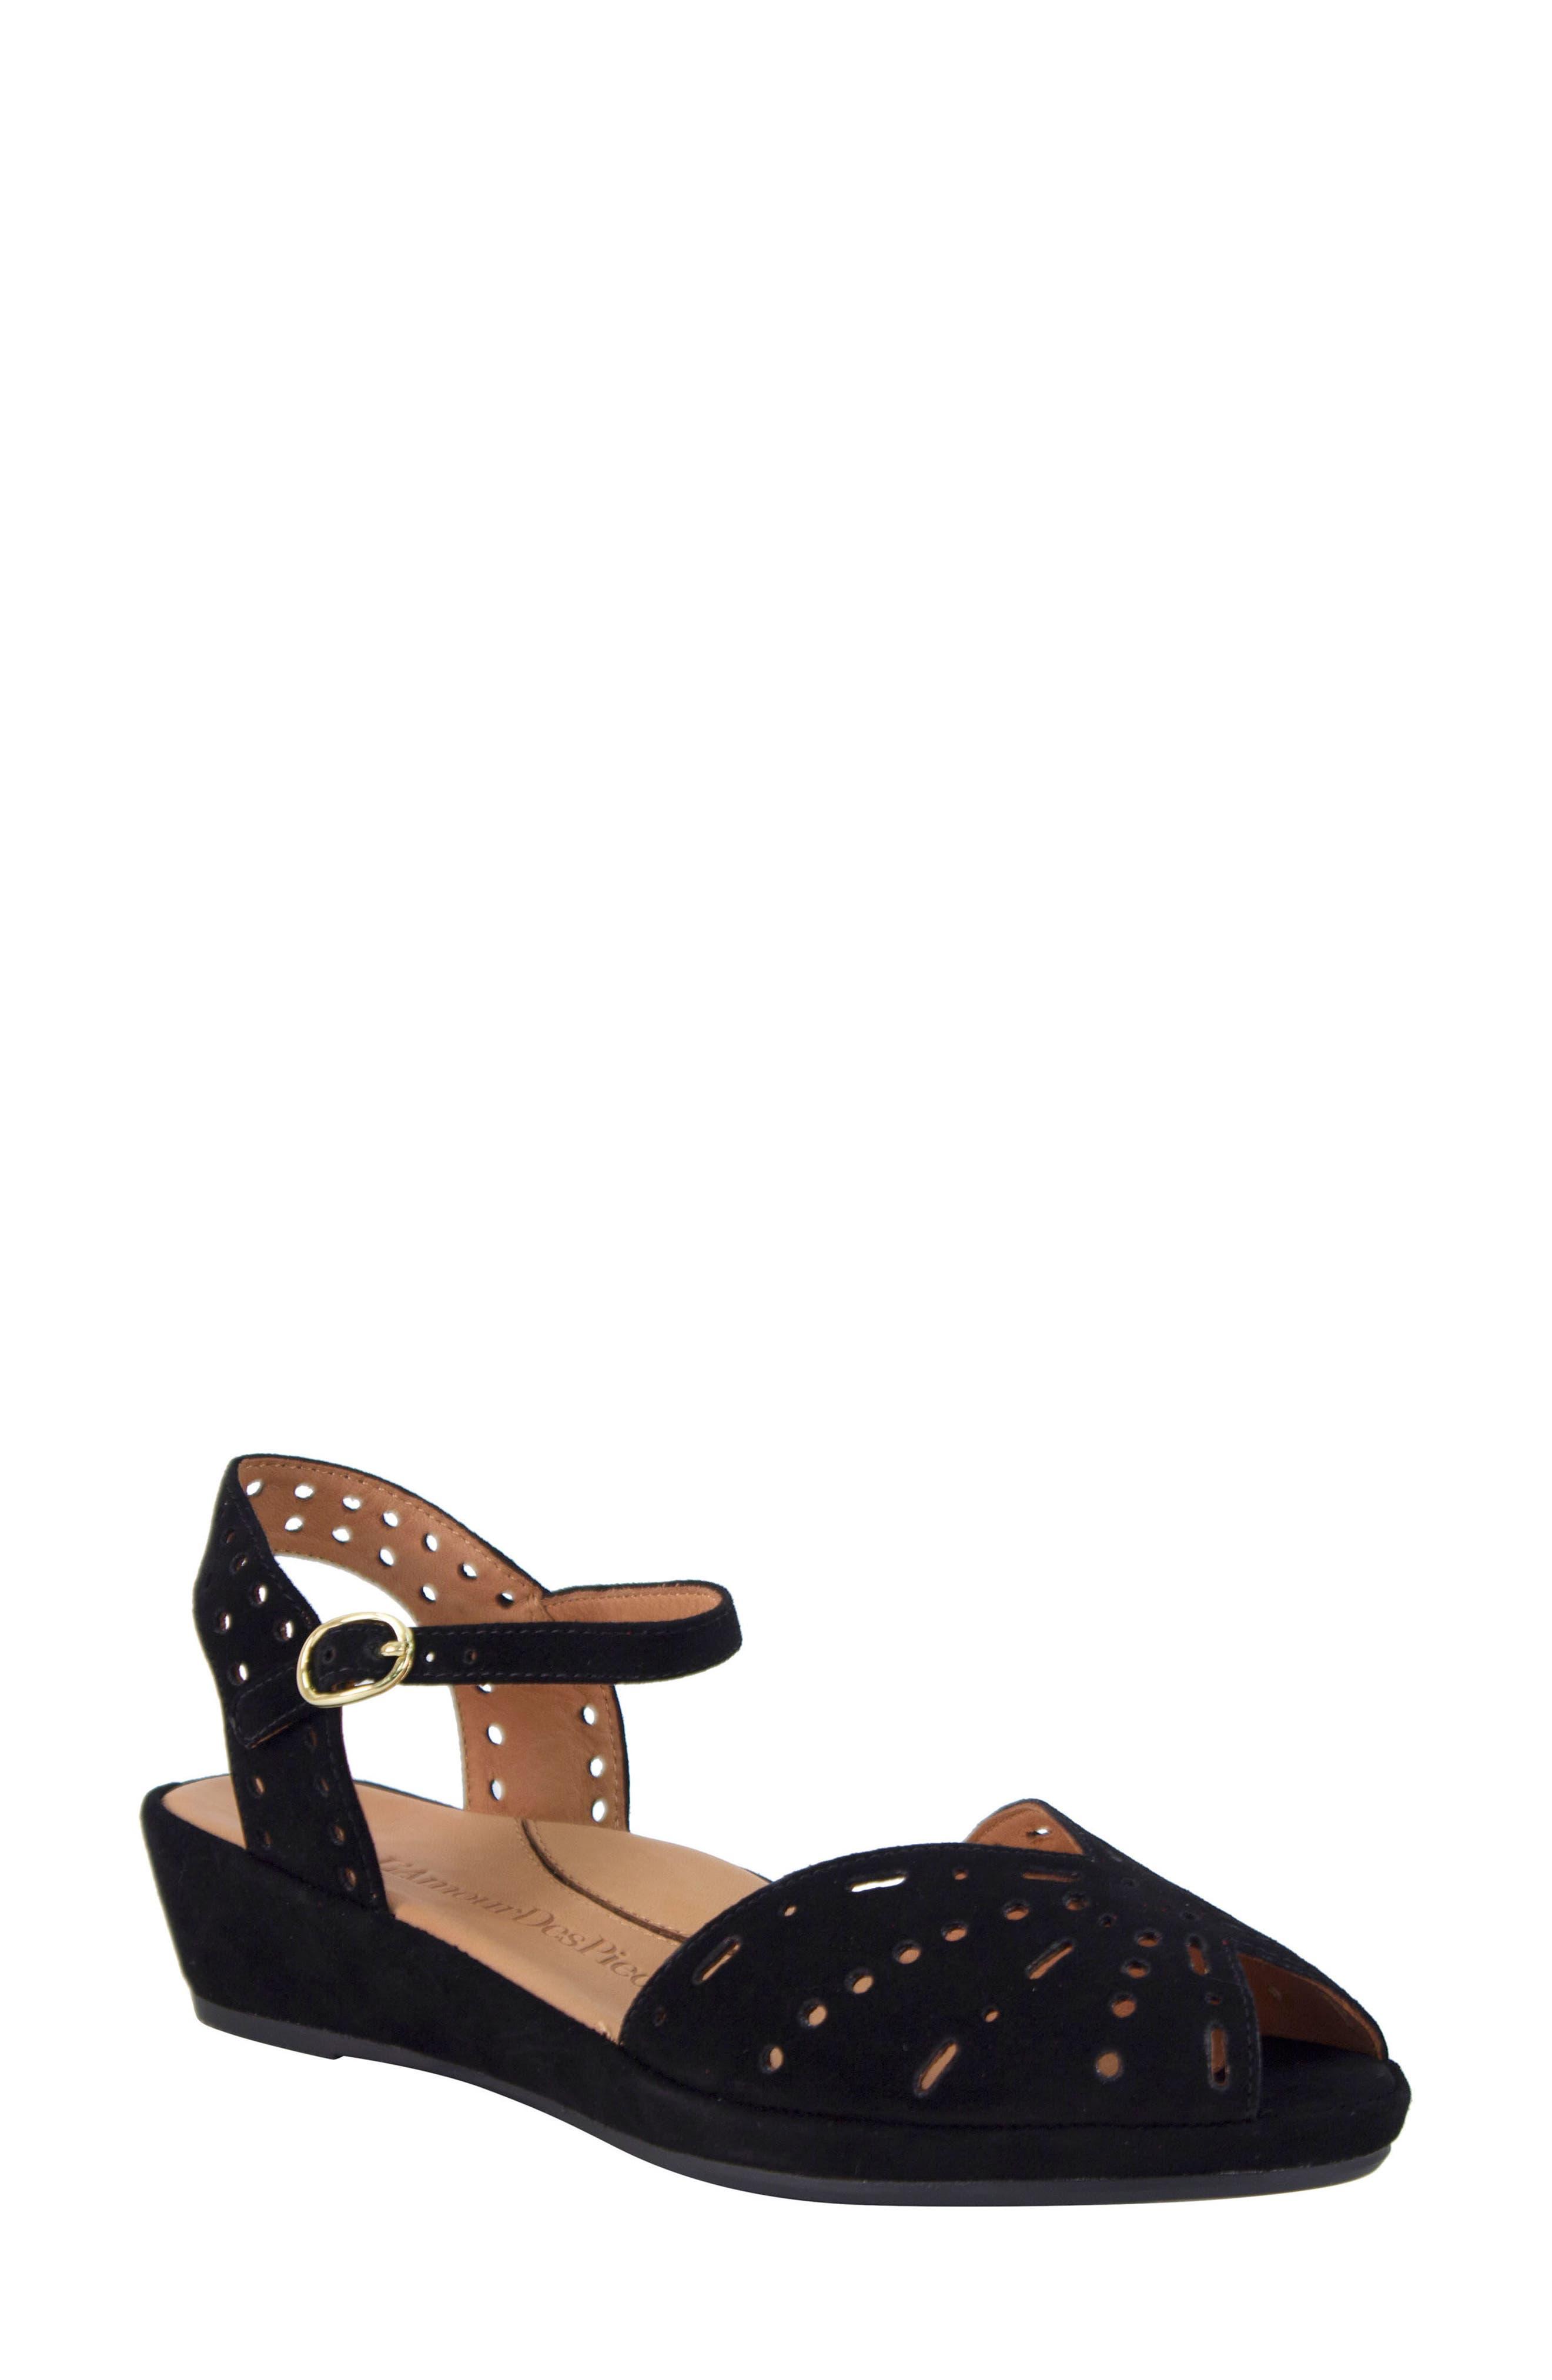 L'AMOUR DES PIEDS 'Brenn' Ankle Strap Sandal, Main, color, BLACK SUEDE